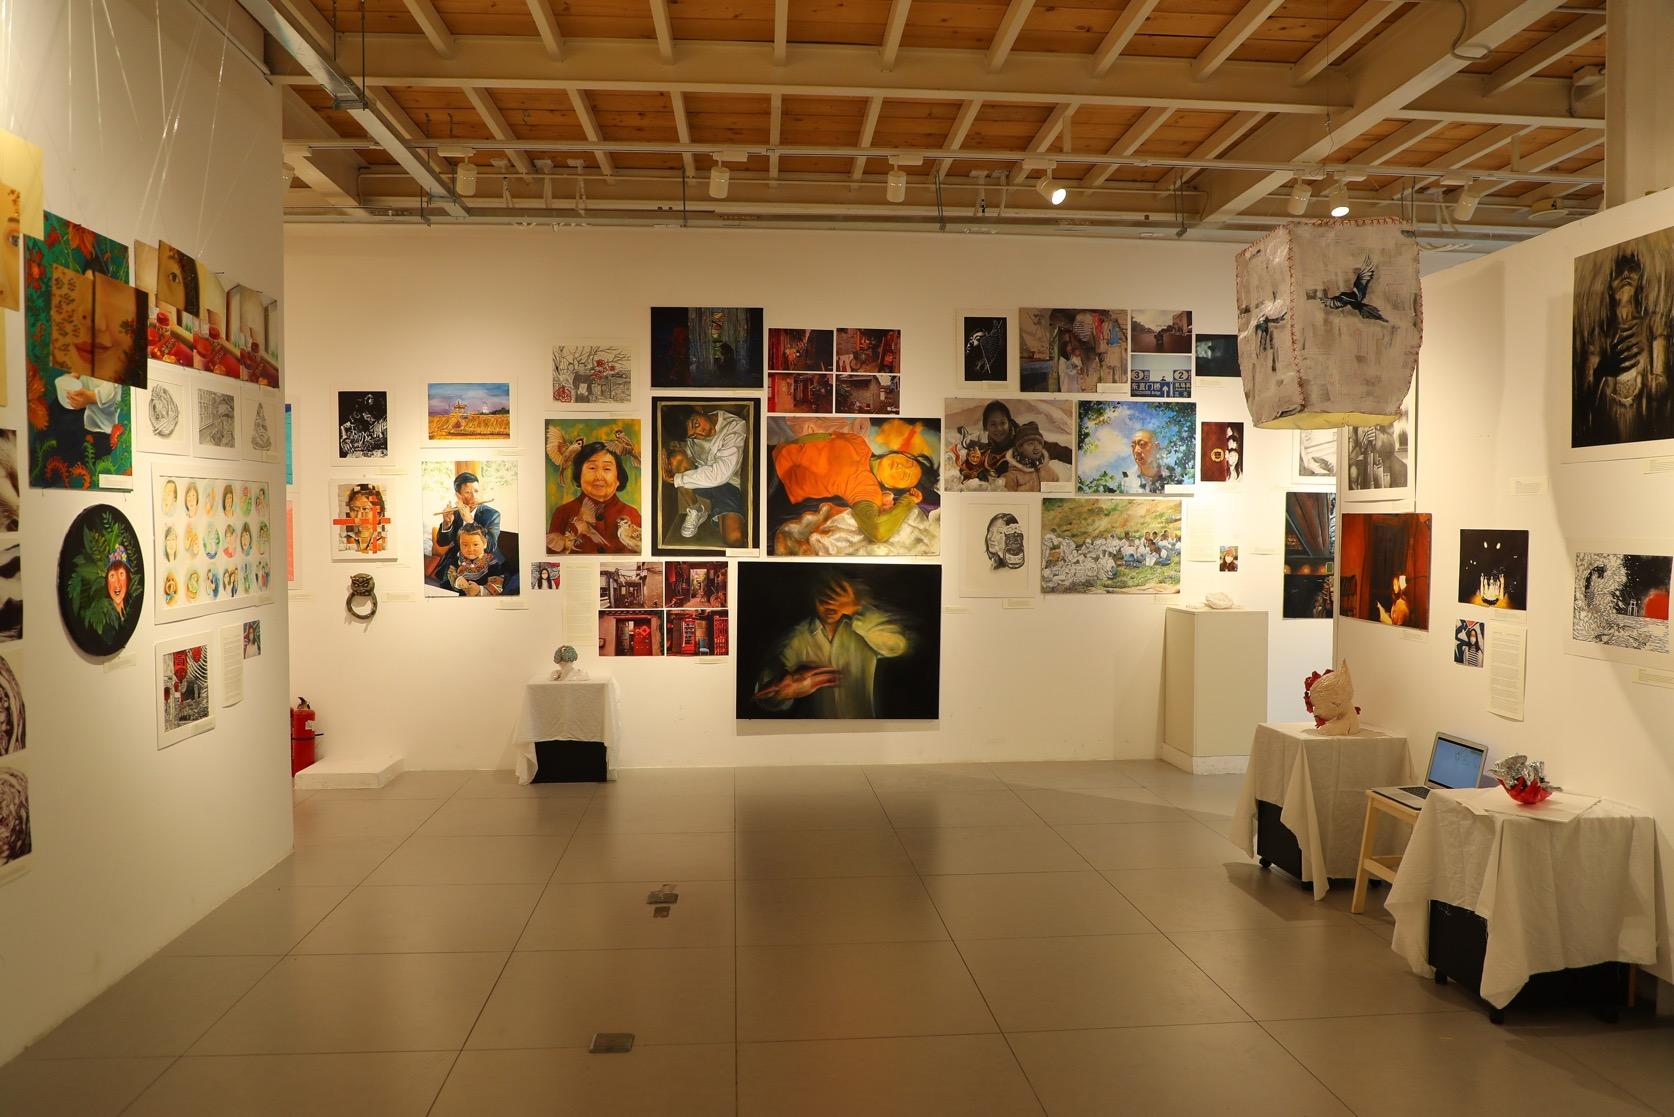 ib-art-exhibition-2020-14-北京德威英国国际学校